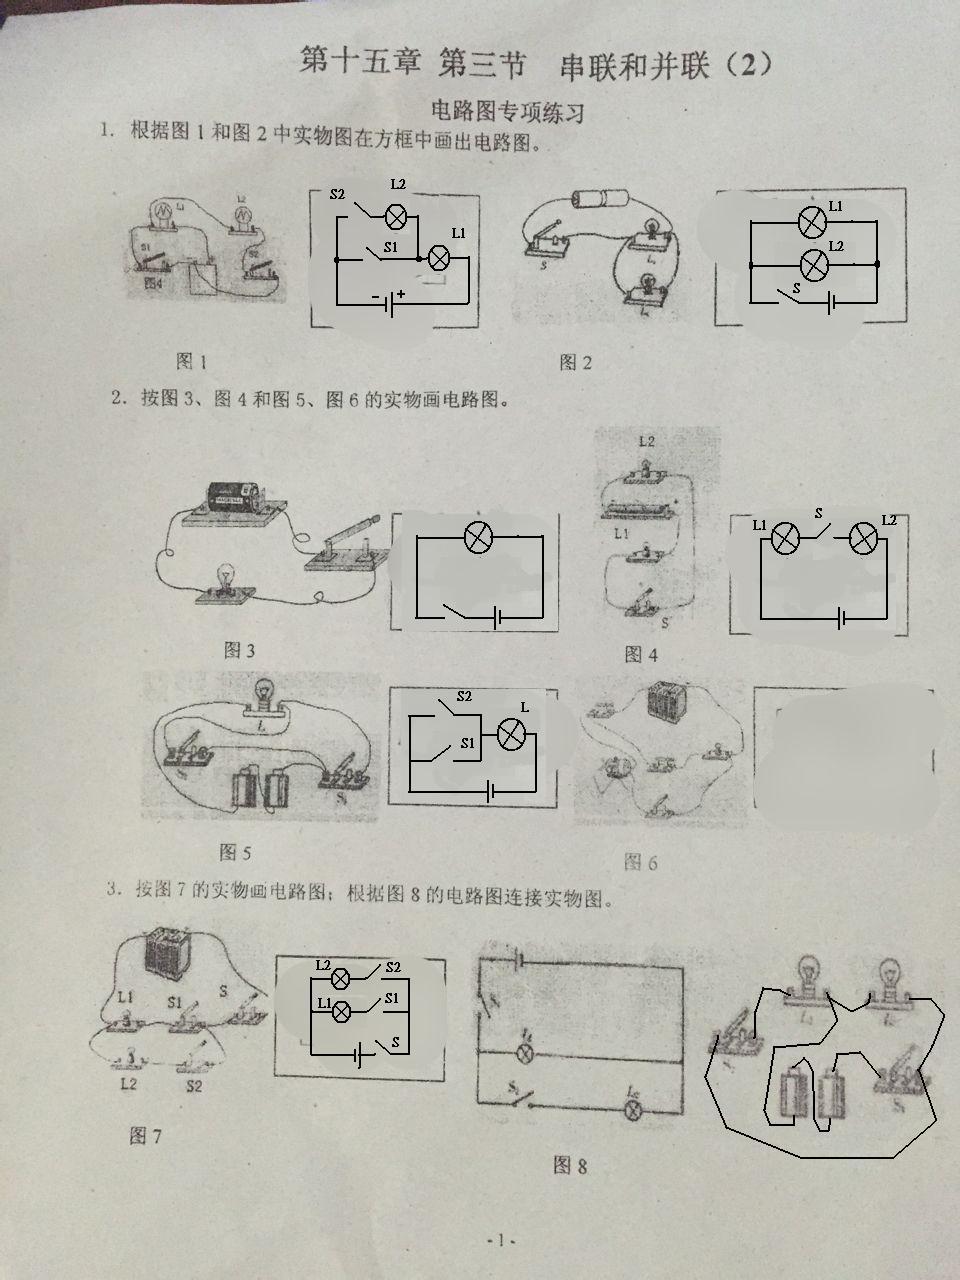 初三物理根据实物图画出电路图图片